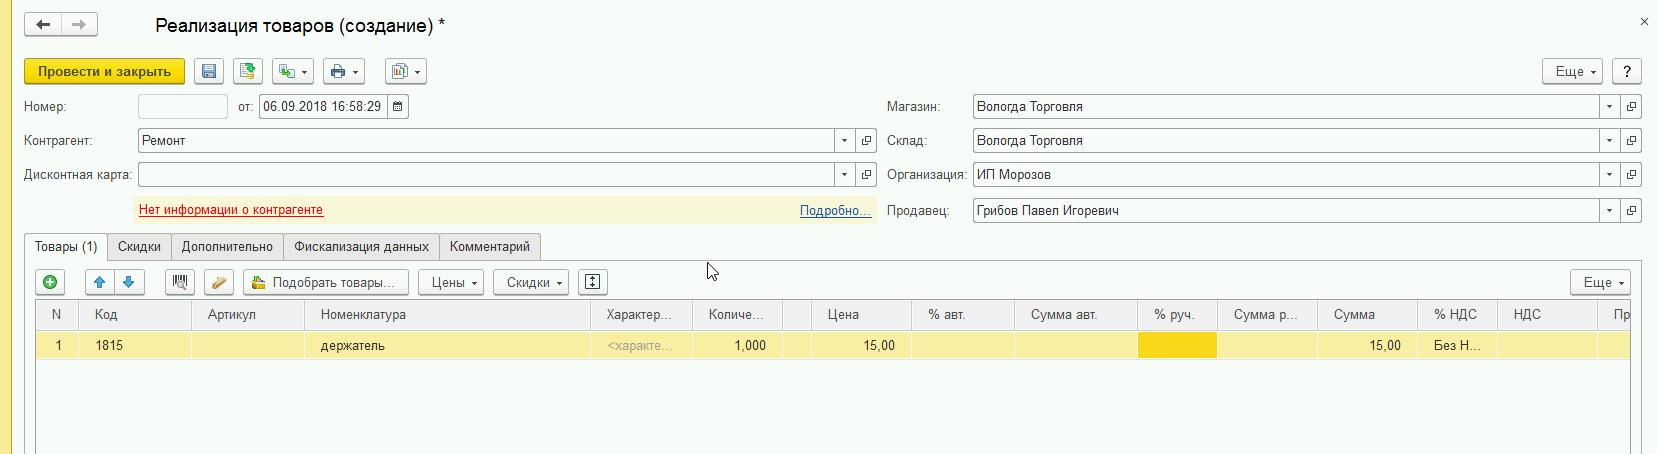 онлайн заявка на кредит во все банки сразу в красноярске